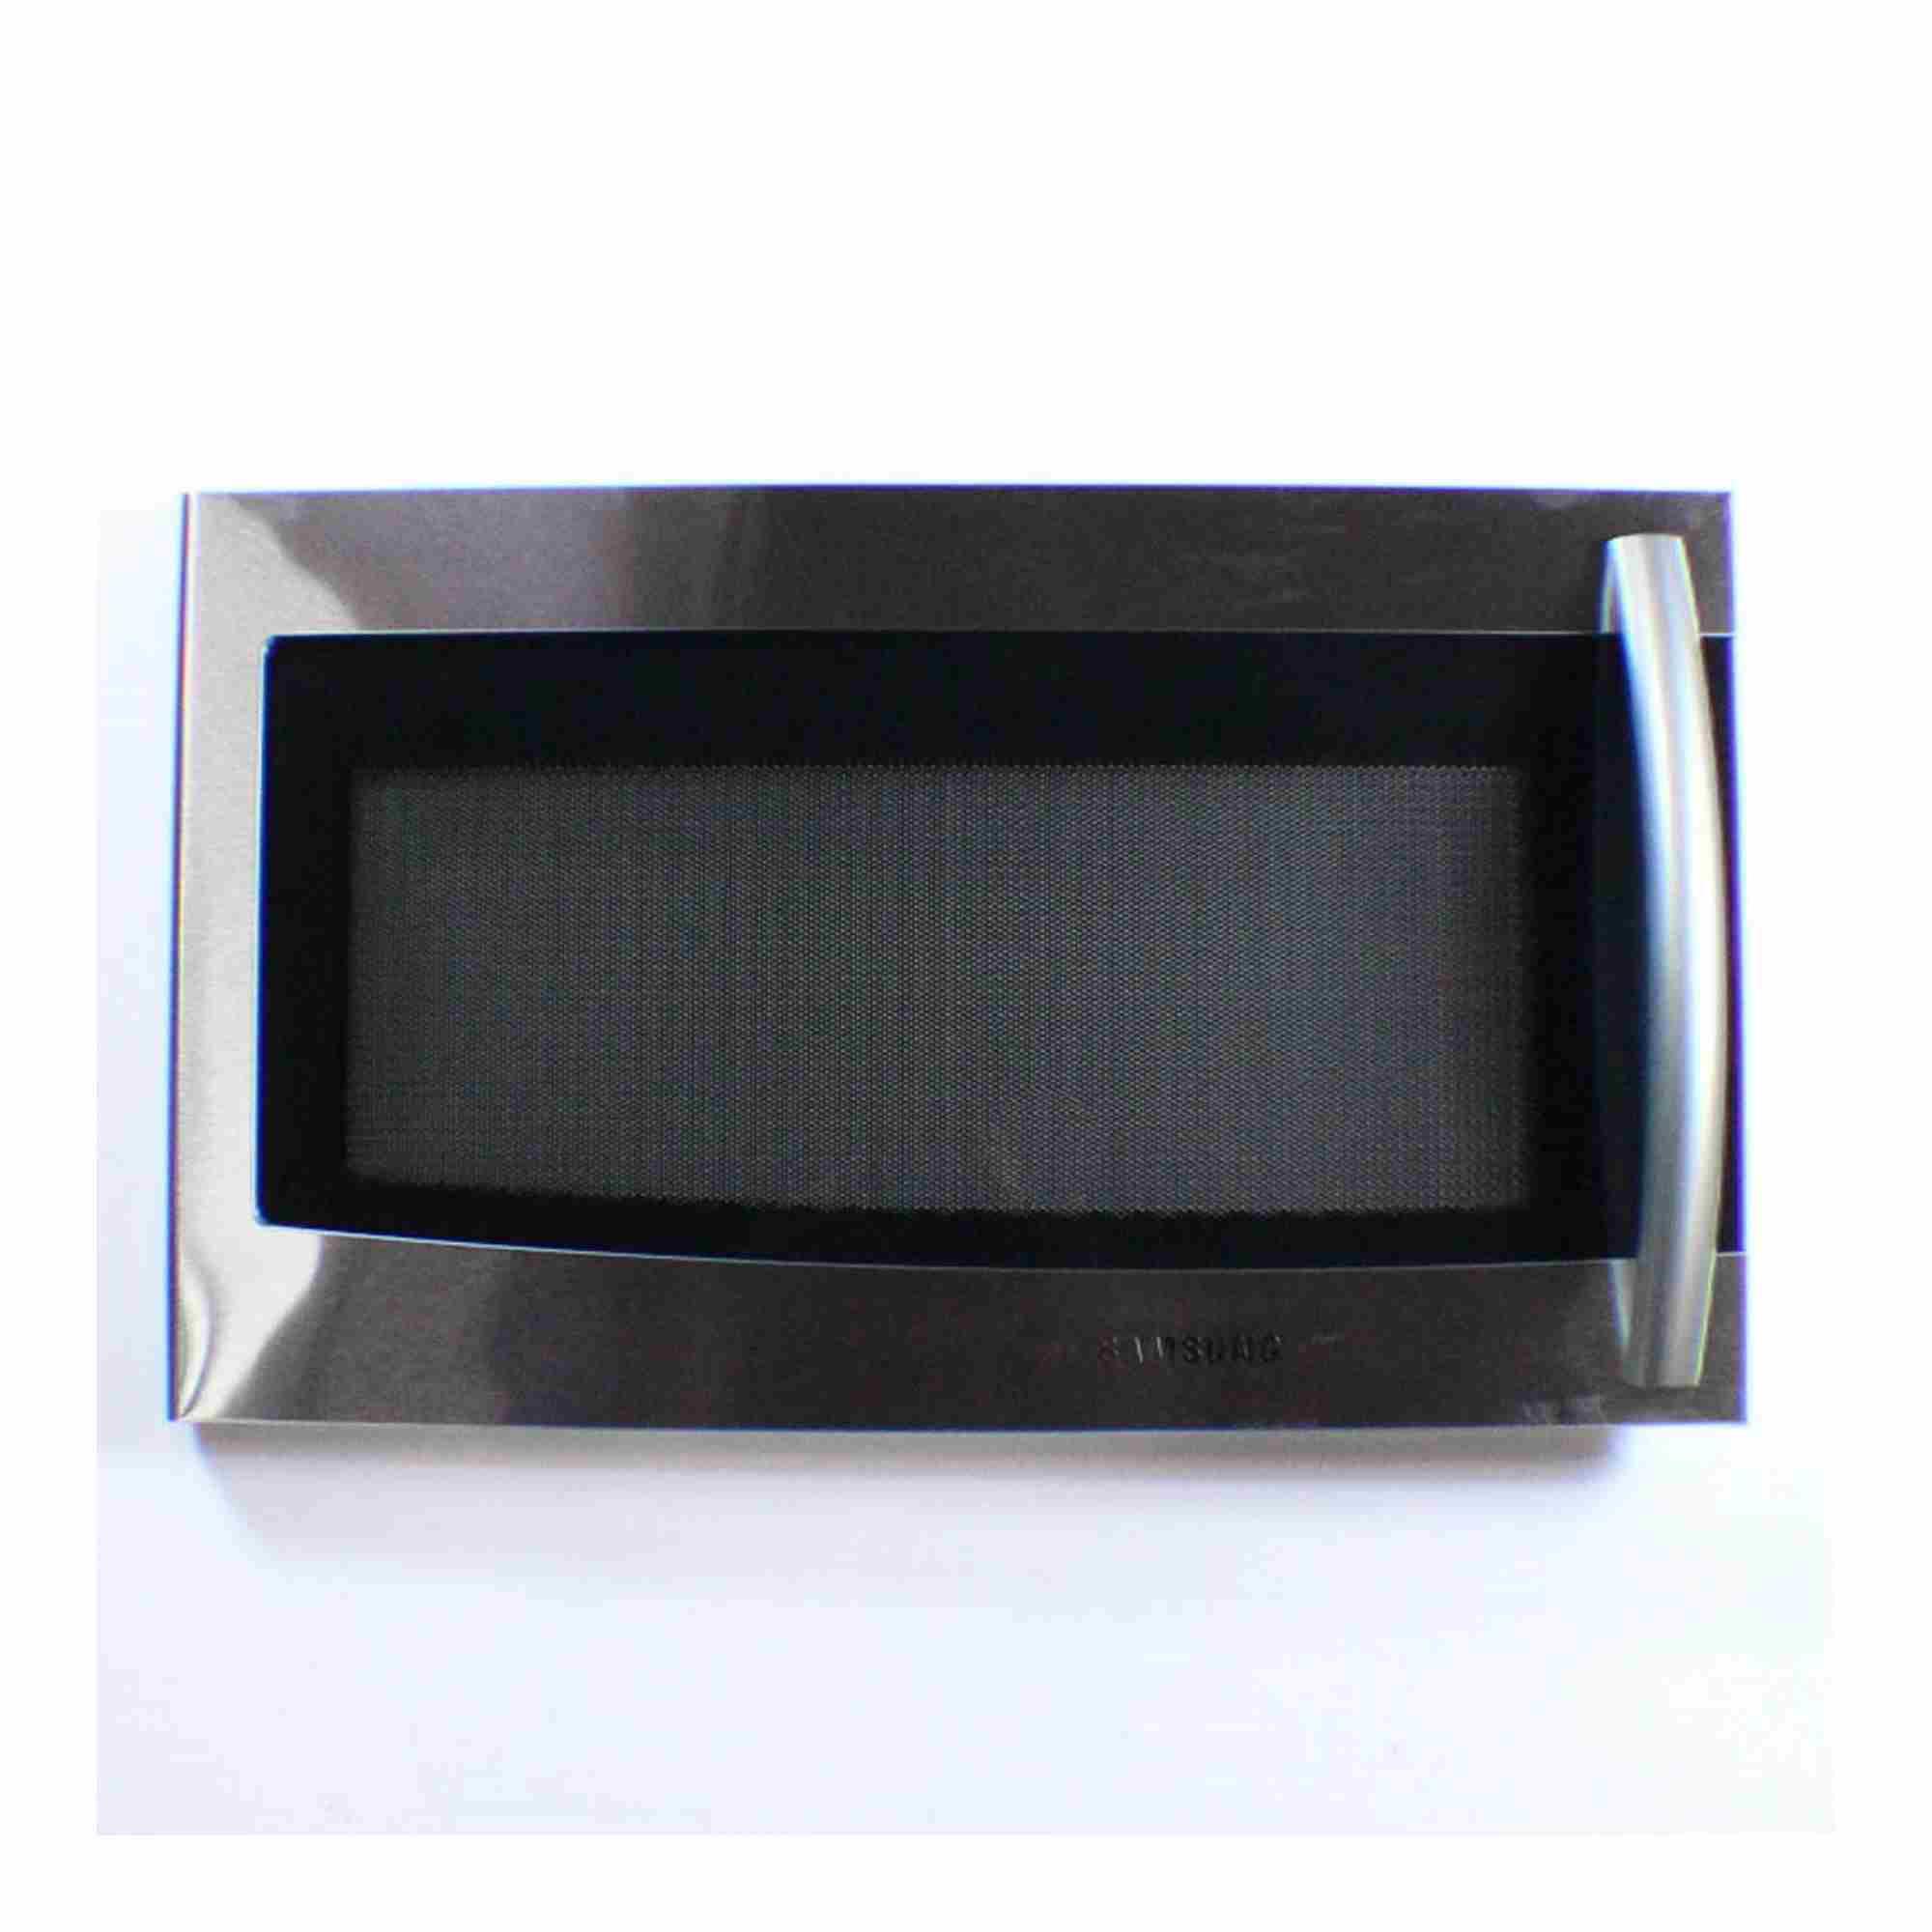 DE94-02416Q For Samsung Microwave Door